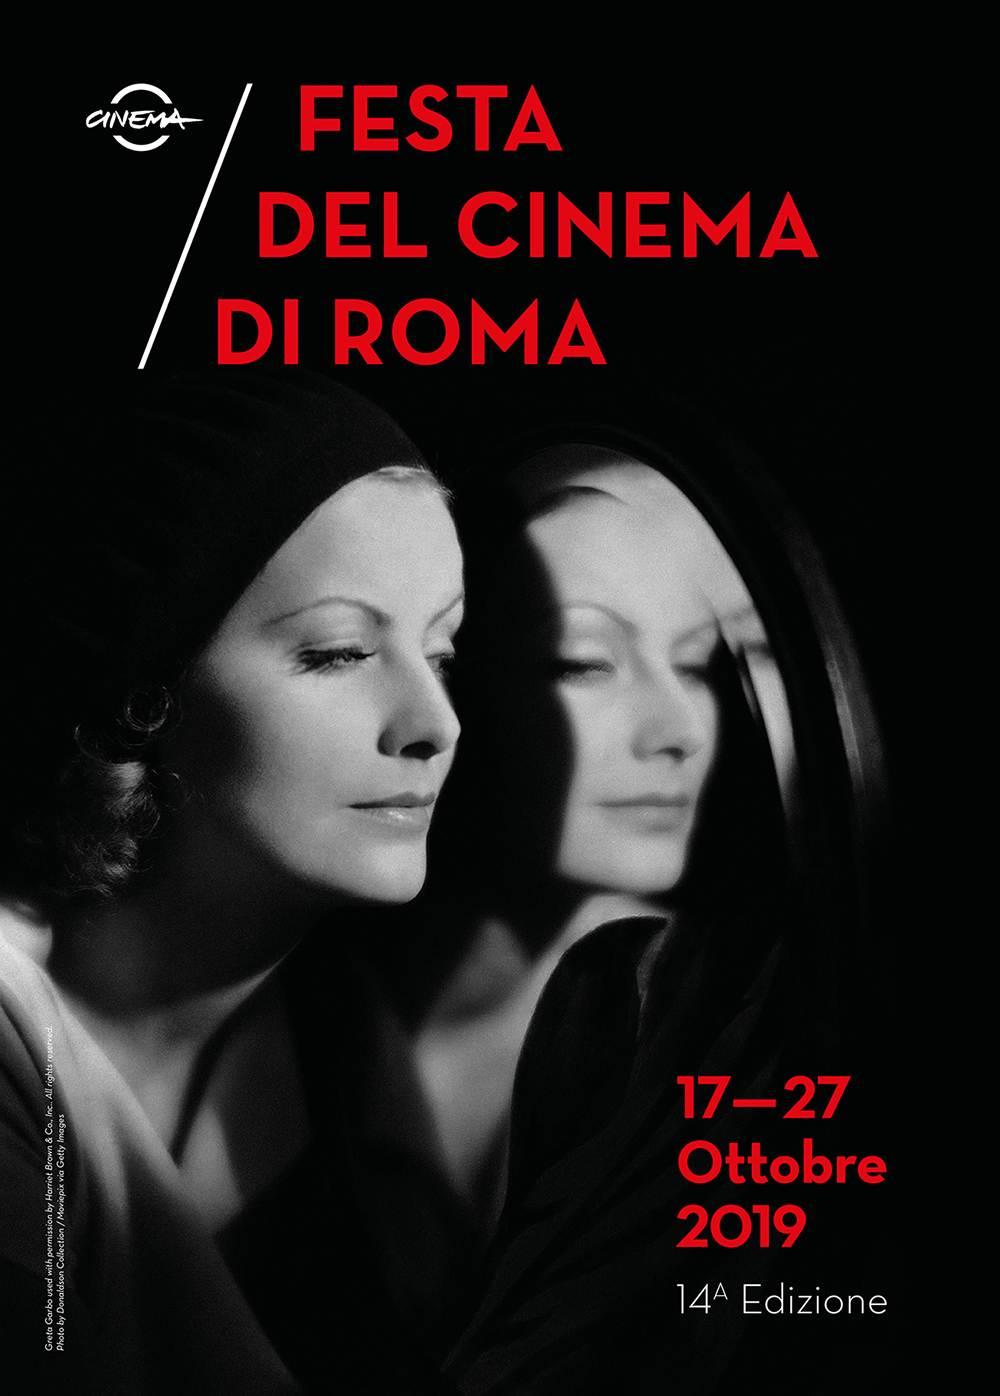 RomaFF14 - Festa del Cinema di Roma 2019 - Locandina